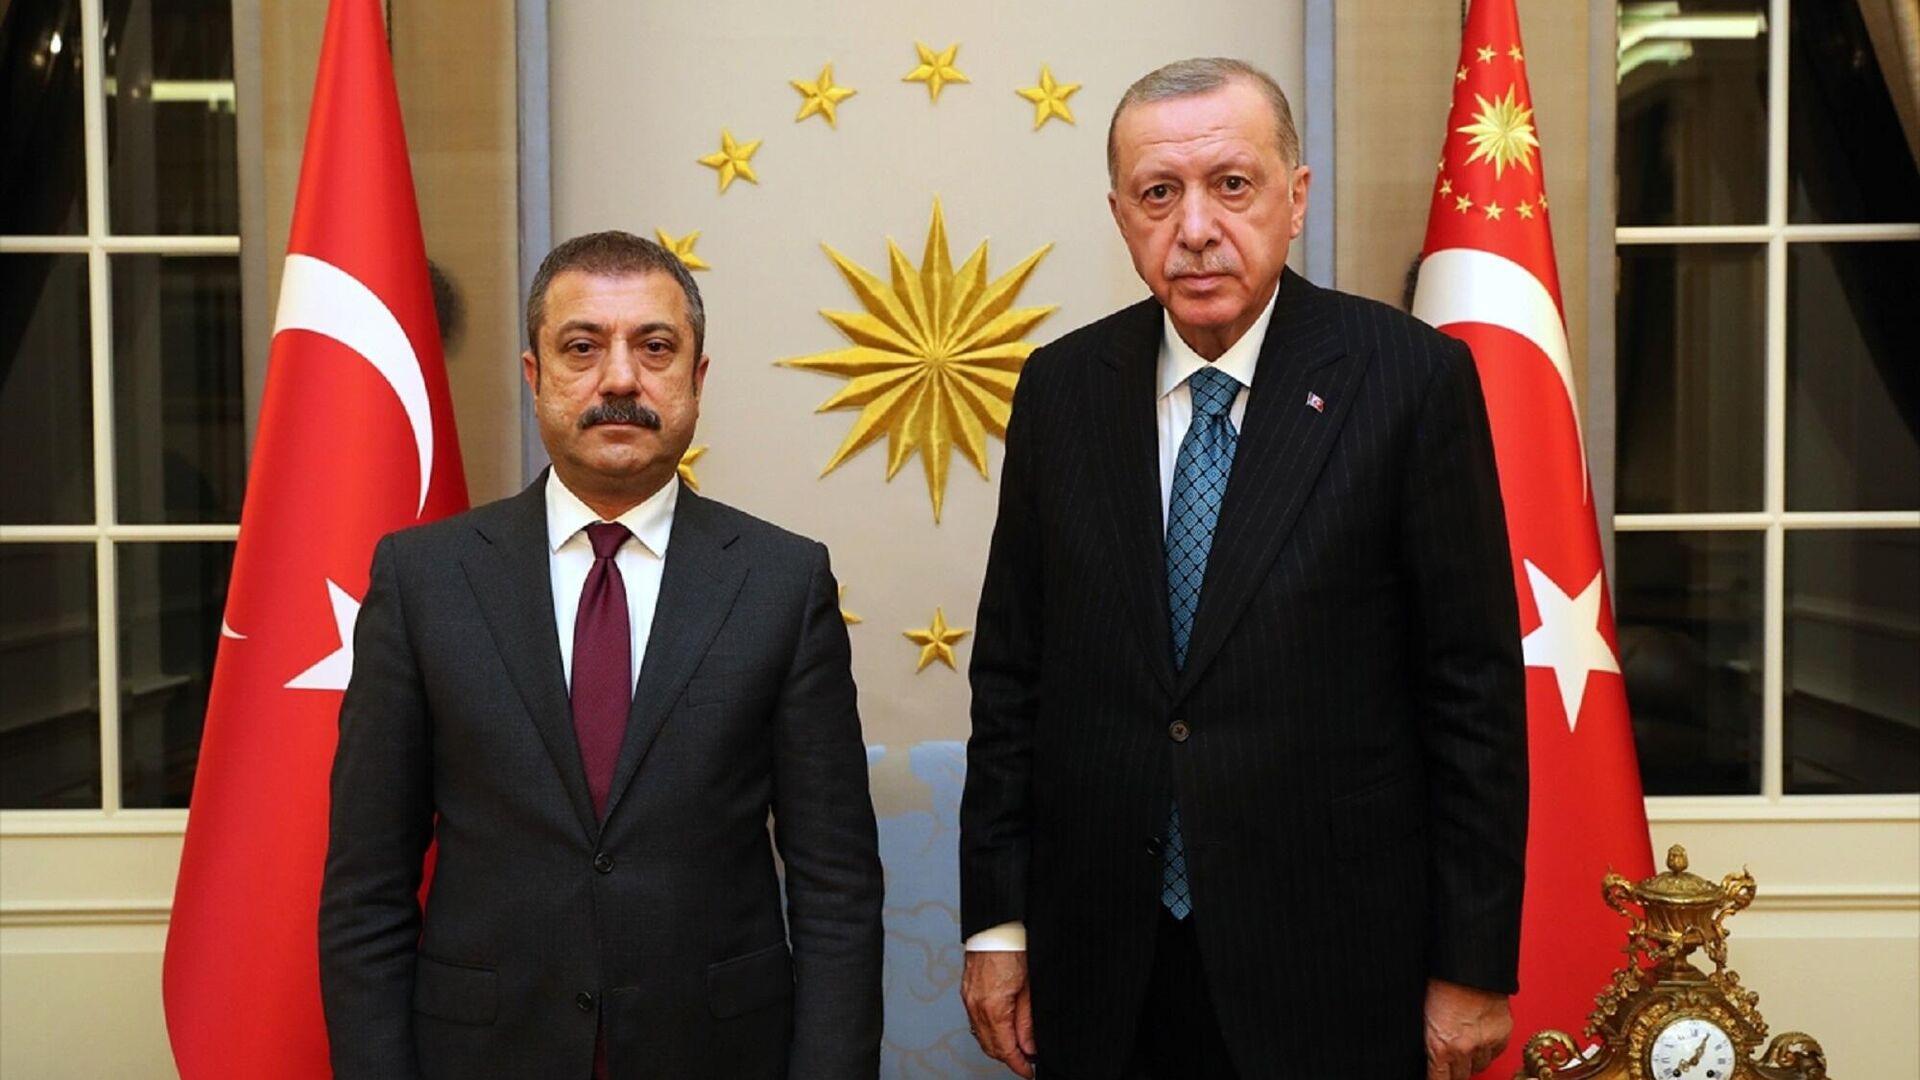 Cumhurbaşkanı Recep Tayyip Erdoğan, TCMB Başkanı Şahap Kavcıoğlu'nu kabul etti.   - Sputnik Türkiye, 1920, 13.10.2021